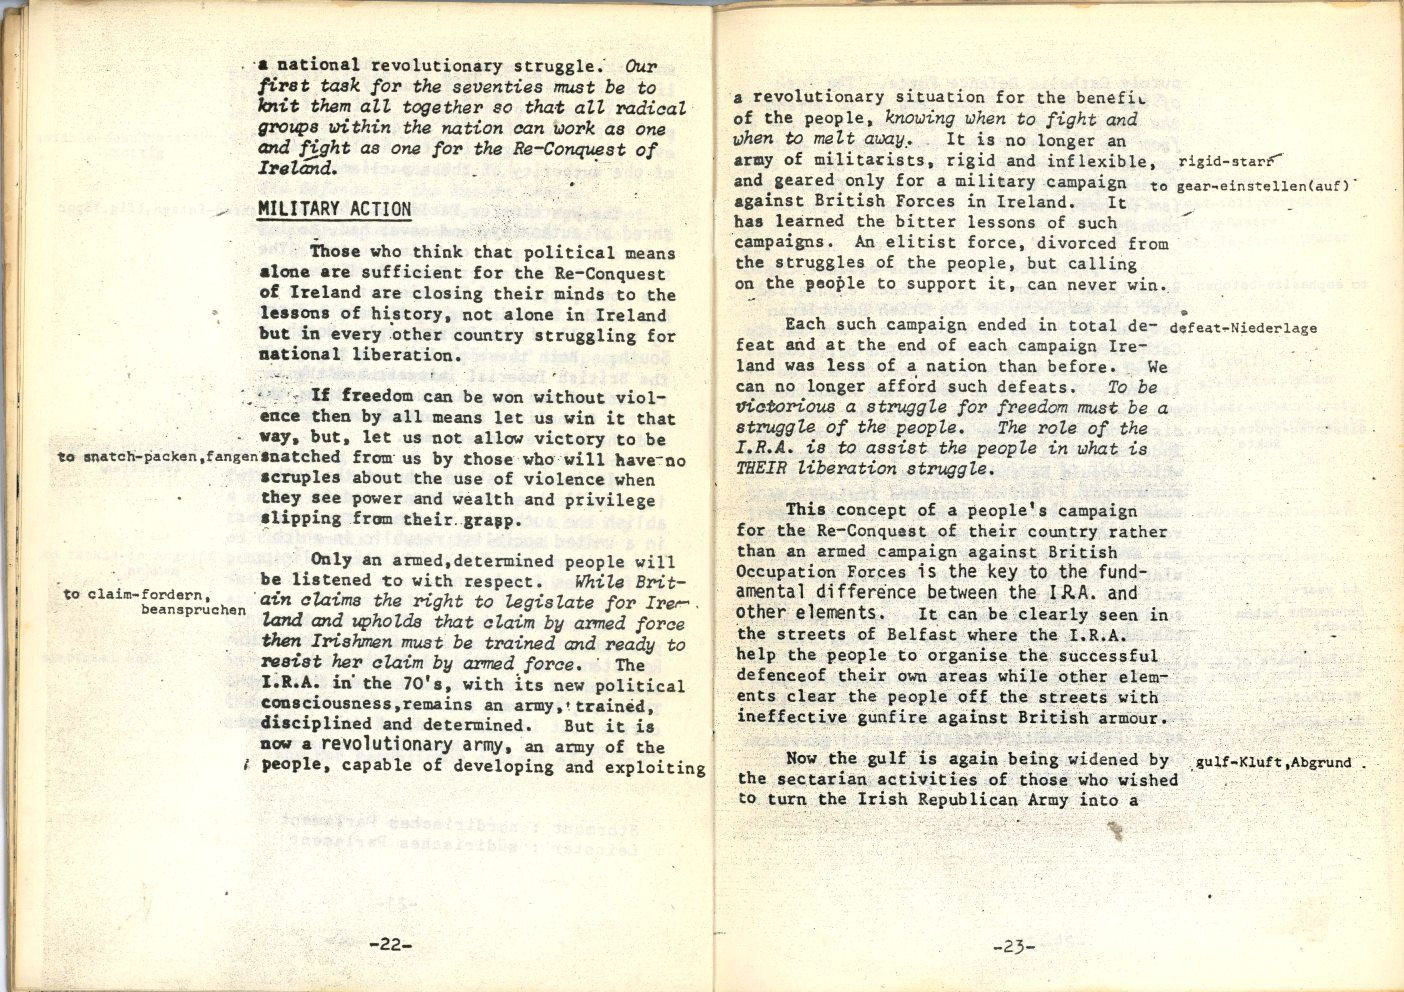 Berlin_Druckcooperative_1972_IRA_speaks_14